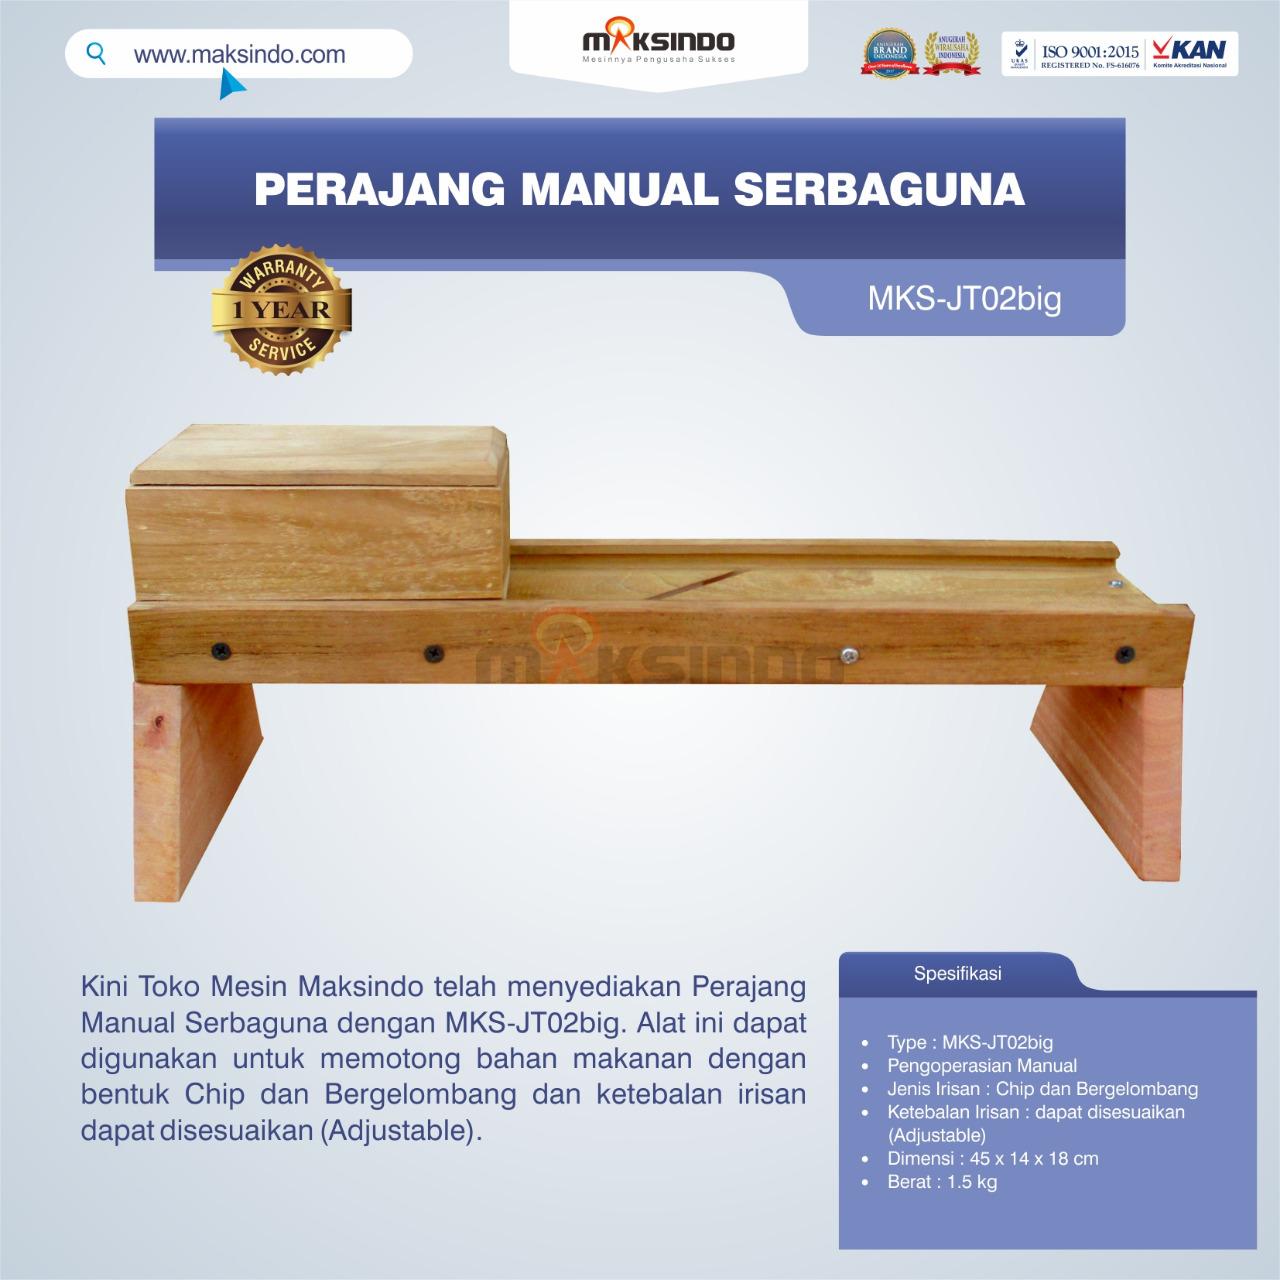 Jual Perajang Manual Serbaguna MKS-JT02big di Semarang